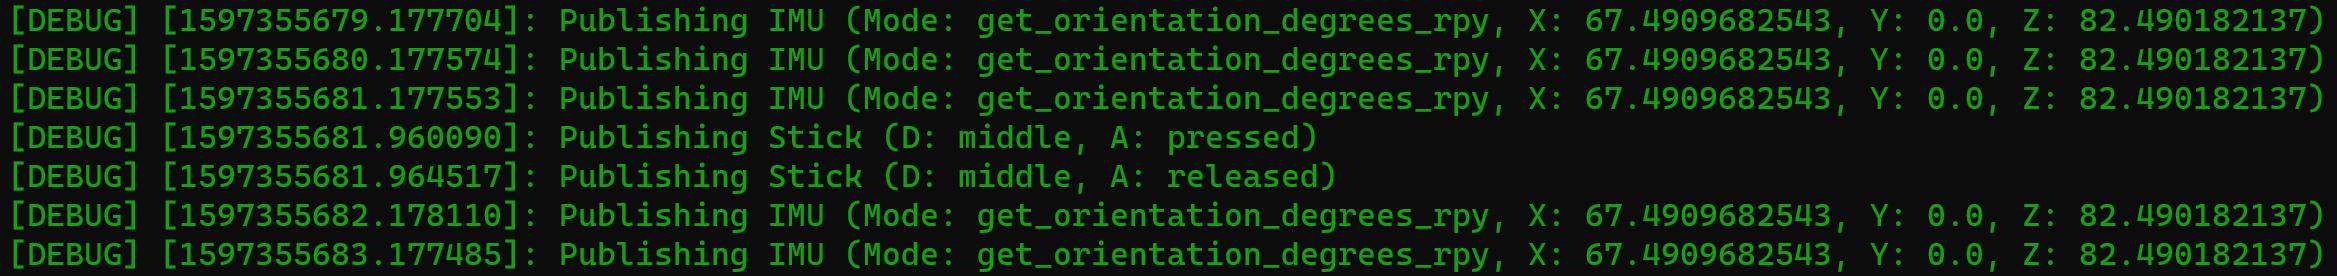 debug level log output